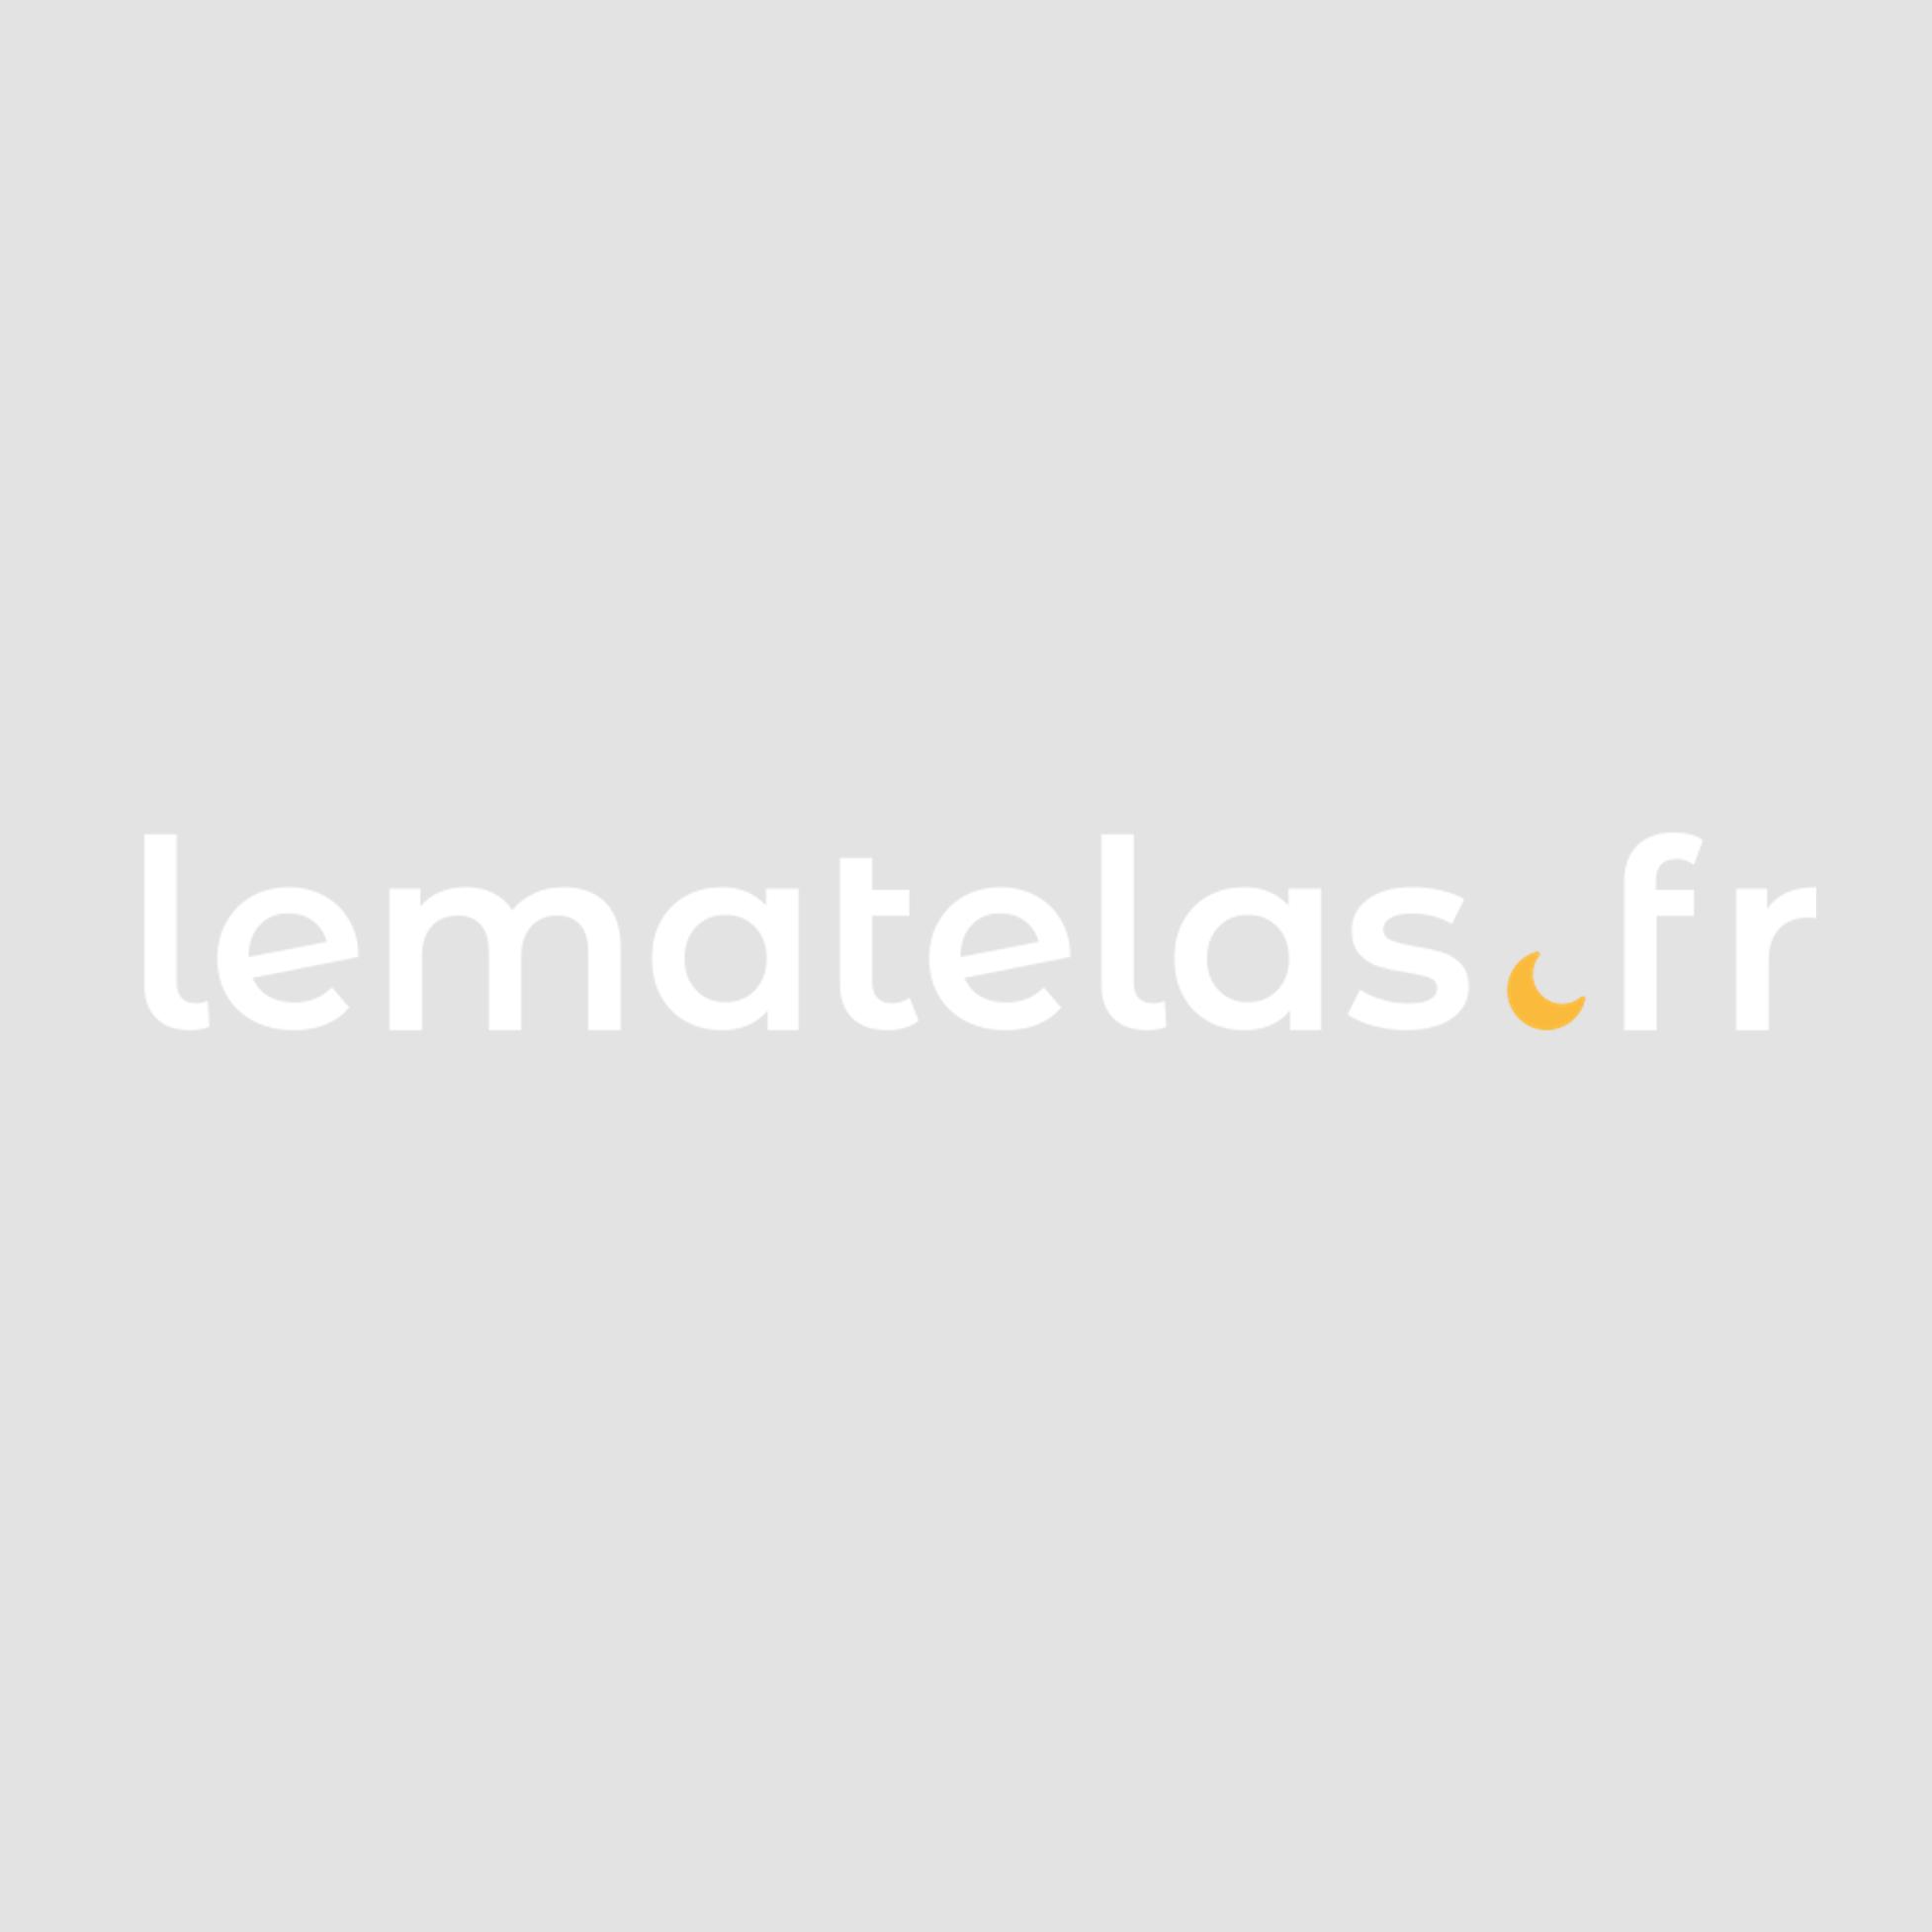 terre. Black Bedroom Furniture Sets. Home Design Ideas